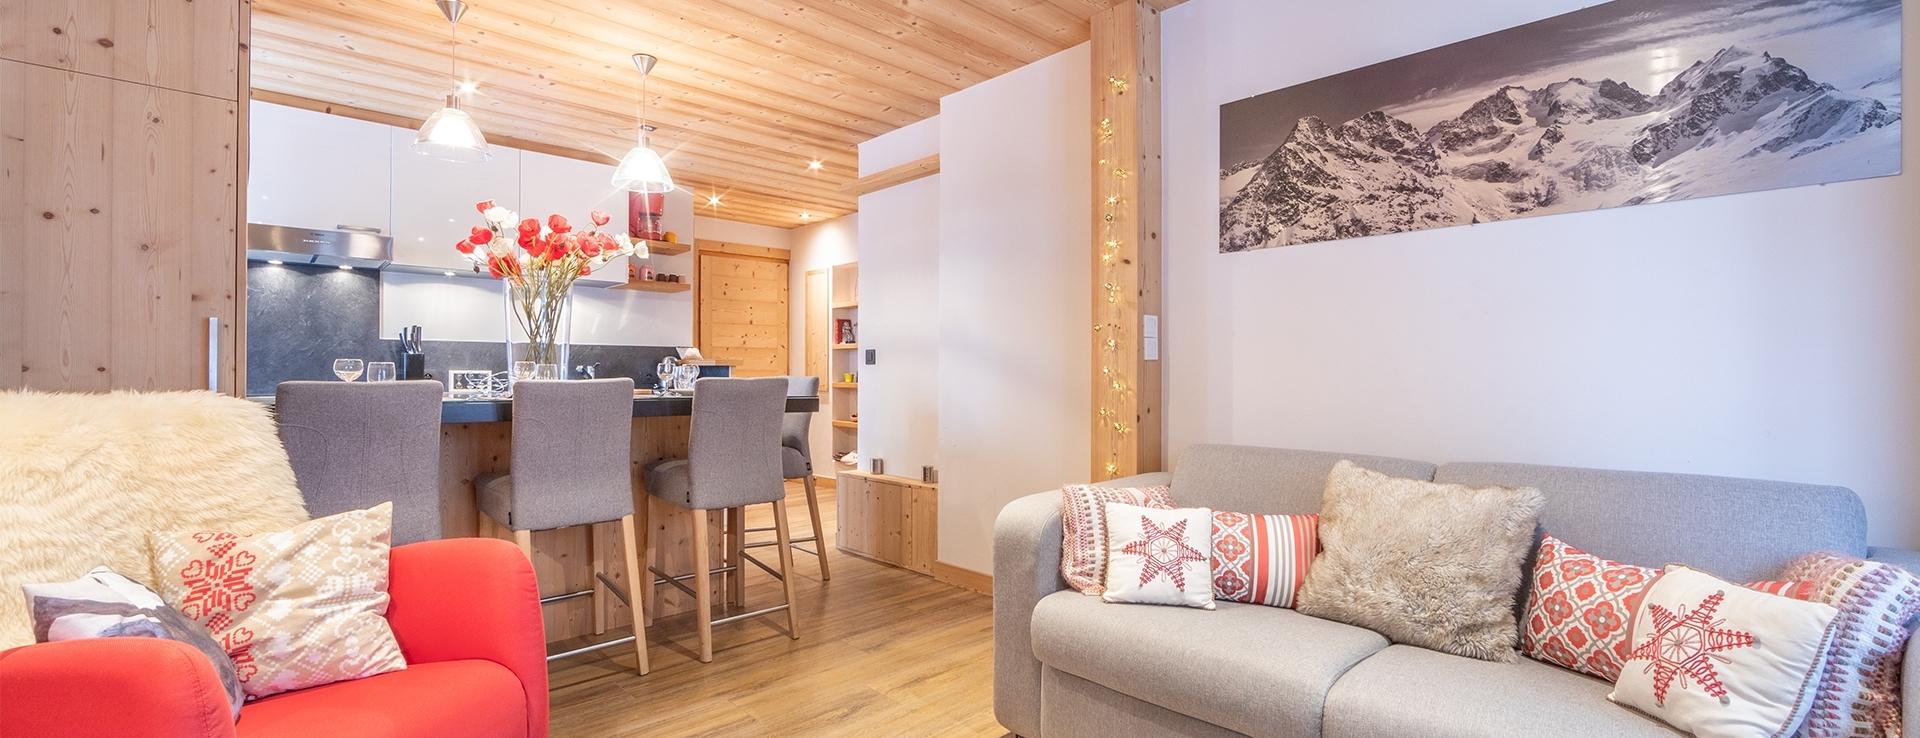 Appartement Centre Village Megève 9